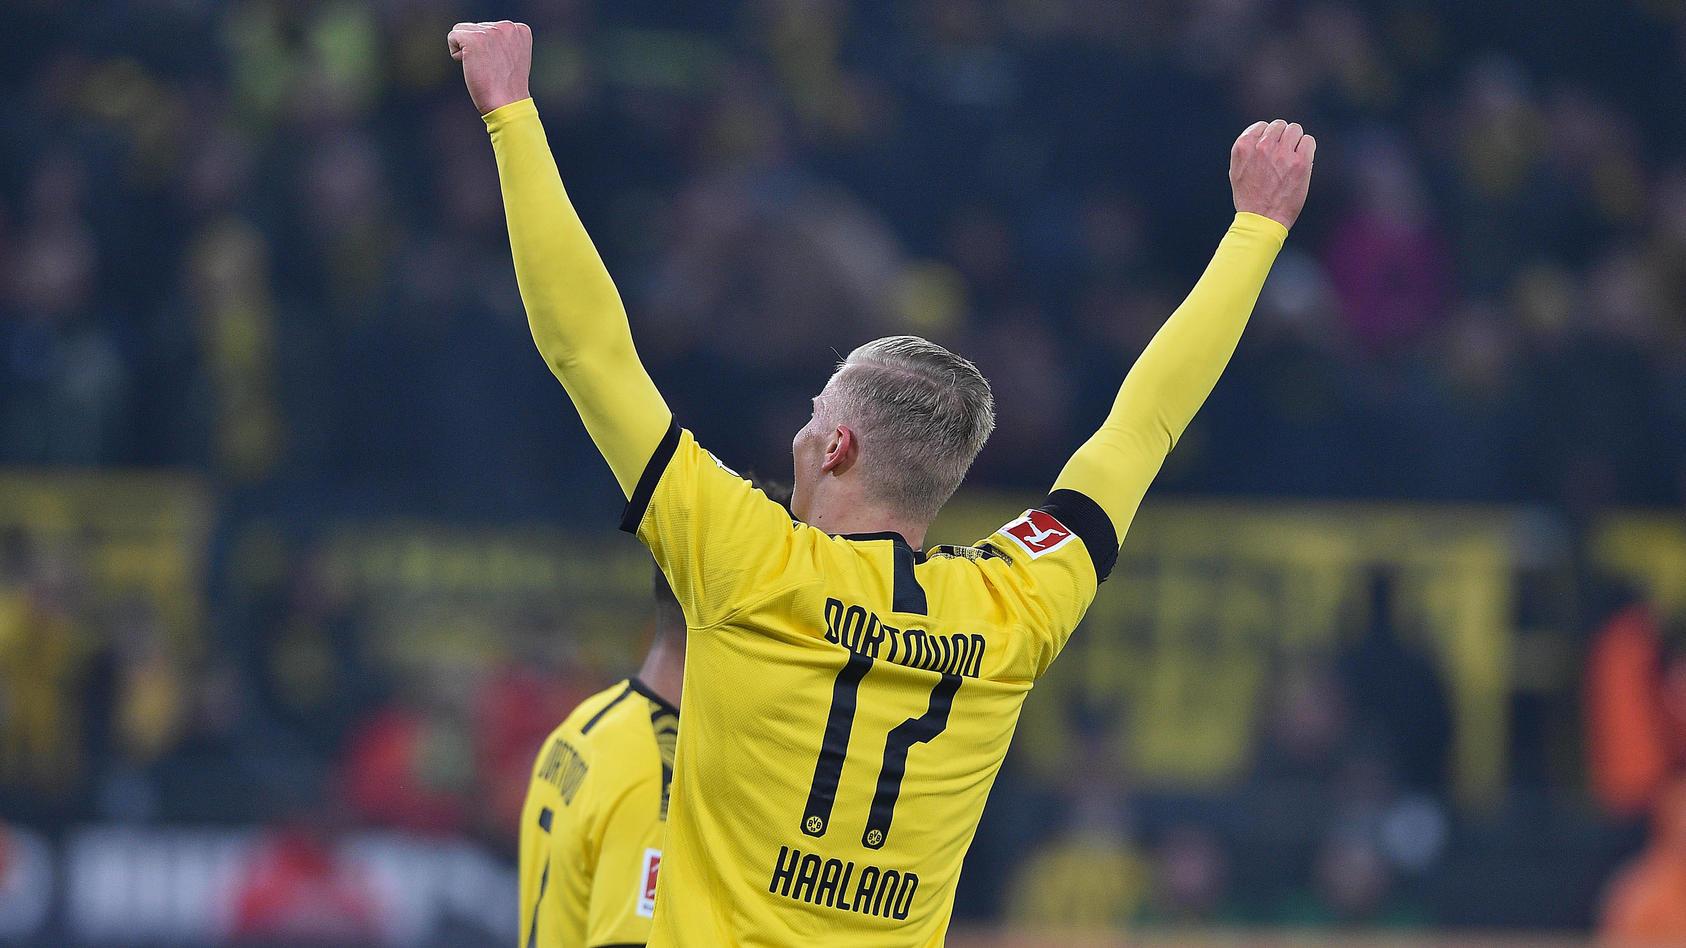 Fußball 1. Bundesliga 19. Spieltag Borussia Dortmund - 1. FC Köln am 24.01.2020 im Signal Iduna Park in Dortmund Torjub